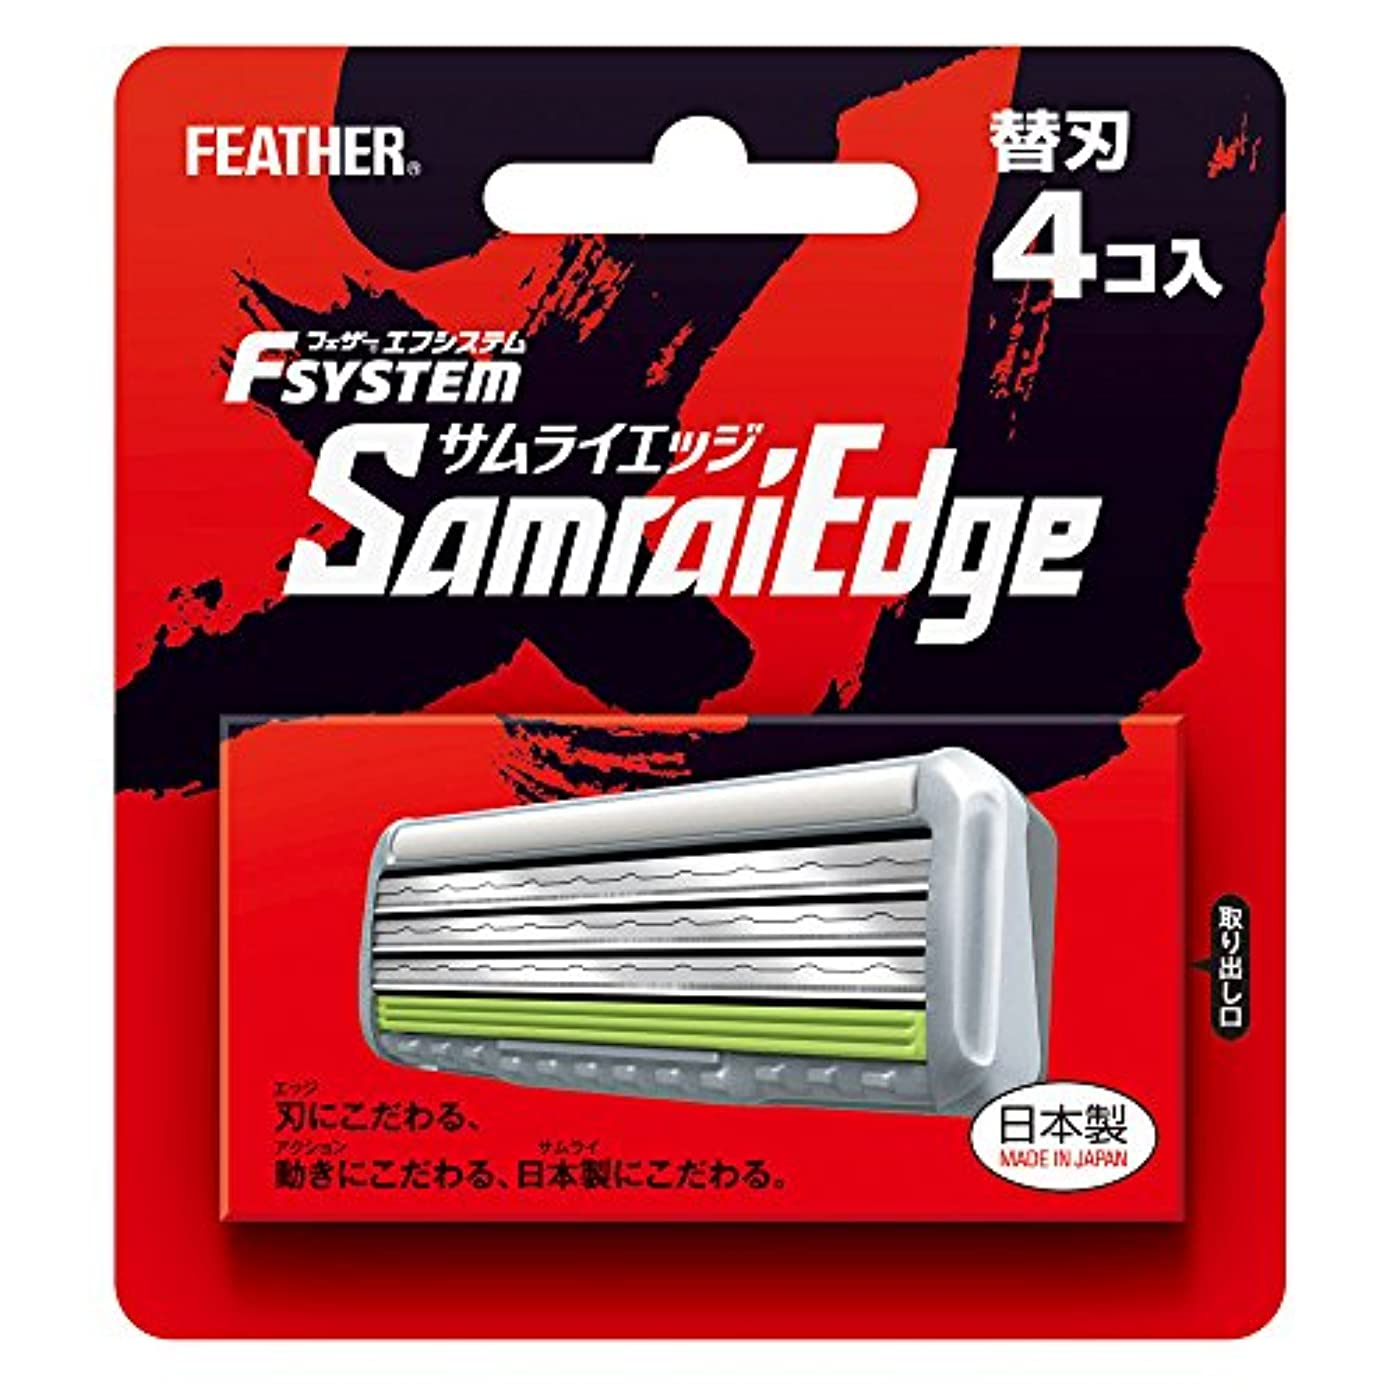 ピアニスト断線布フェザー エフシステム 替刃 サムライエッジ 4コ入 (日本製)